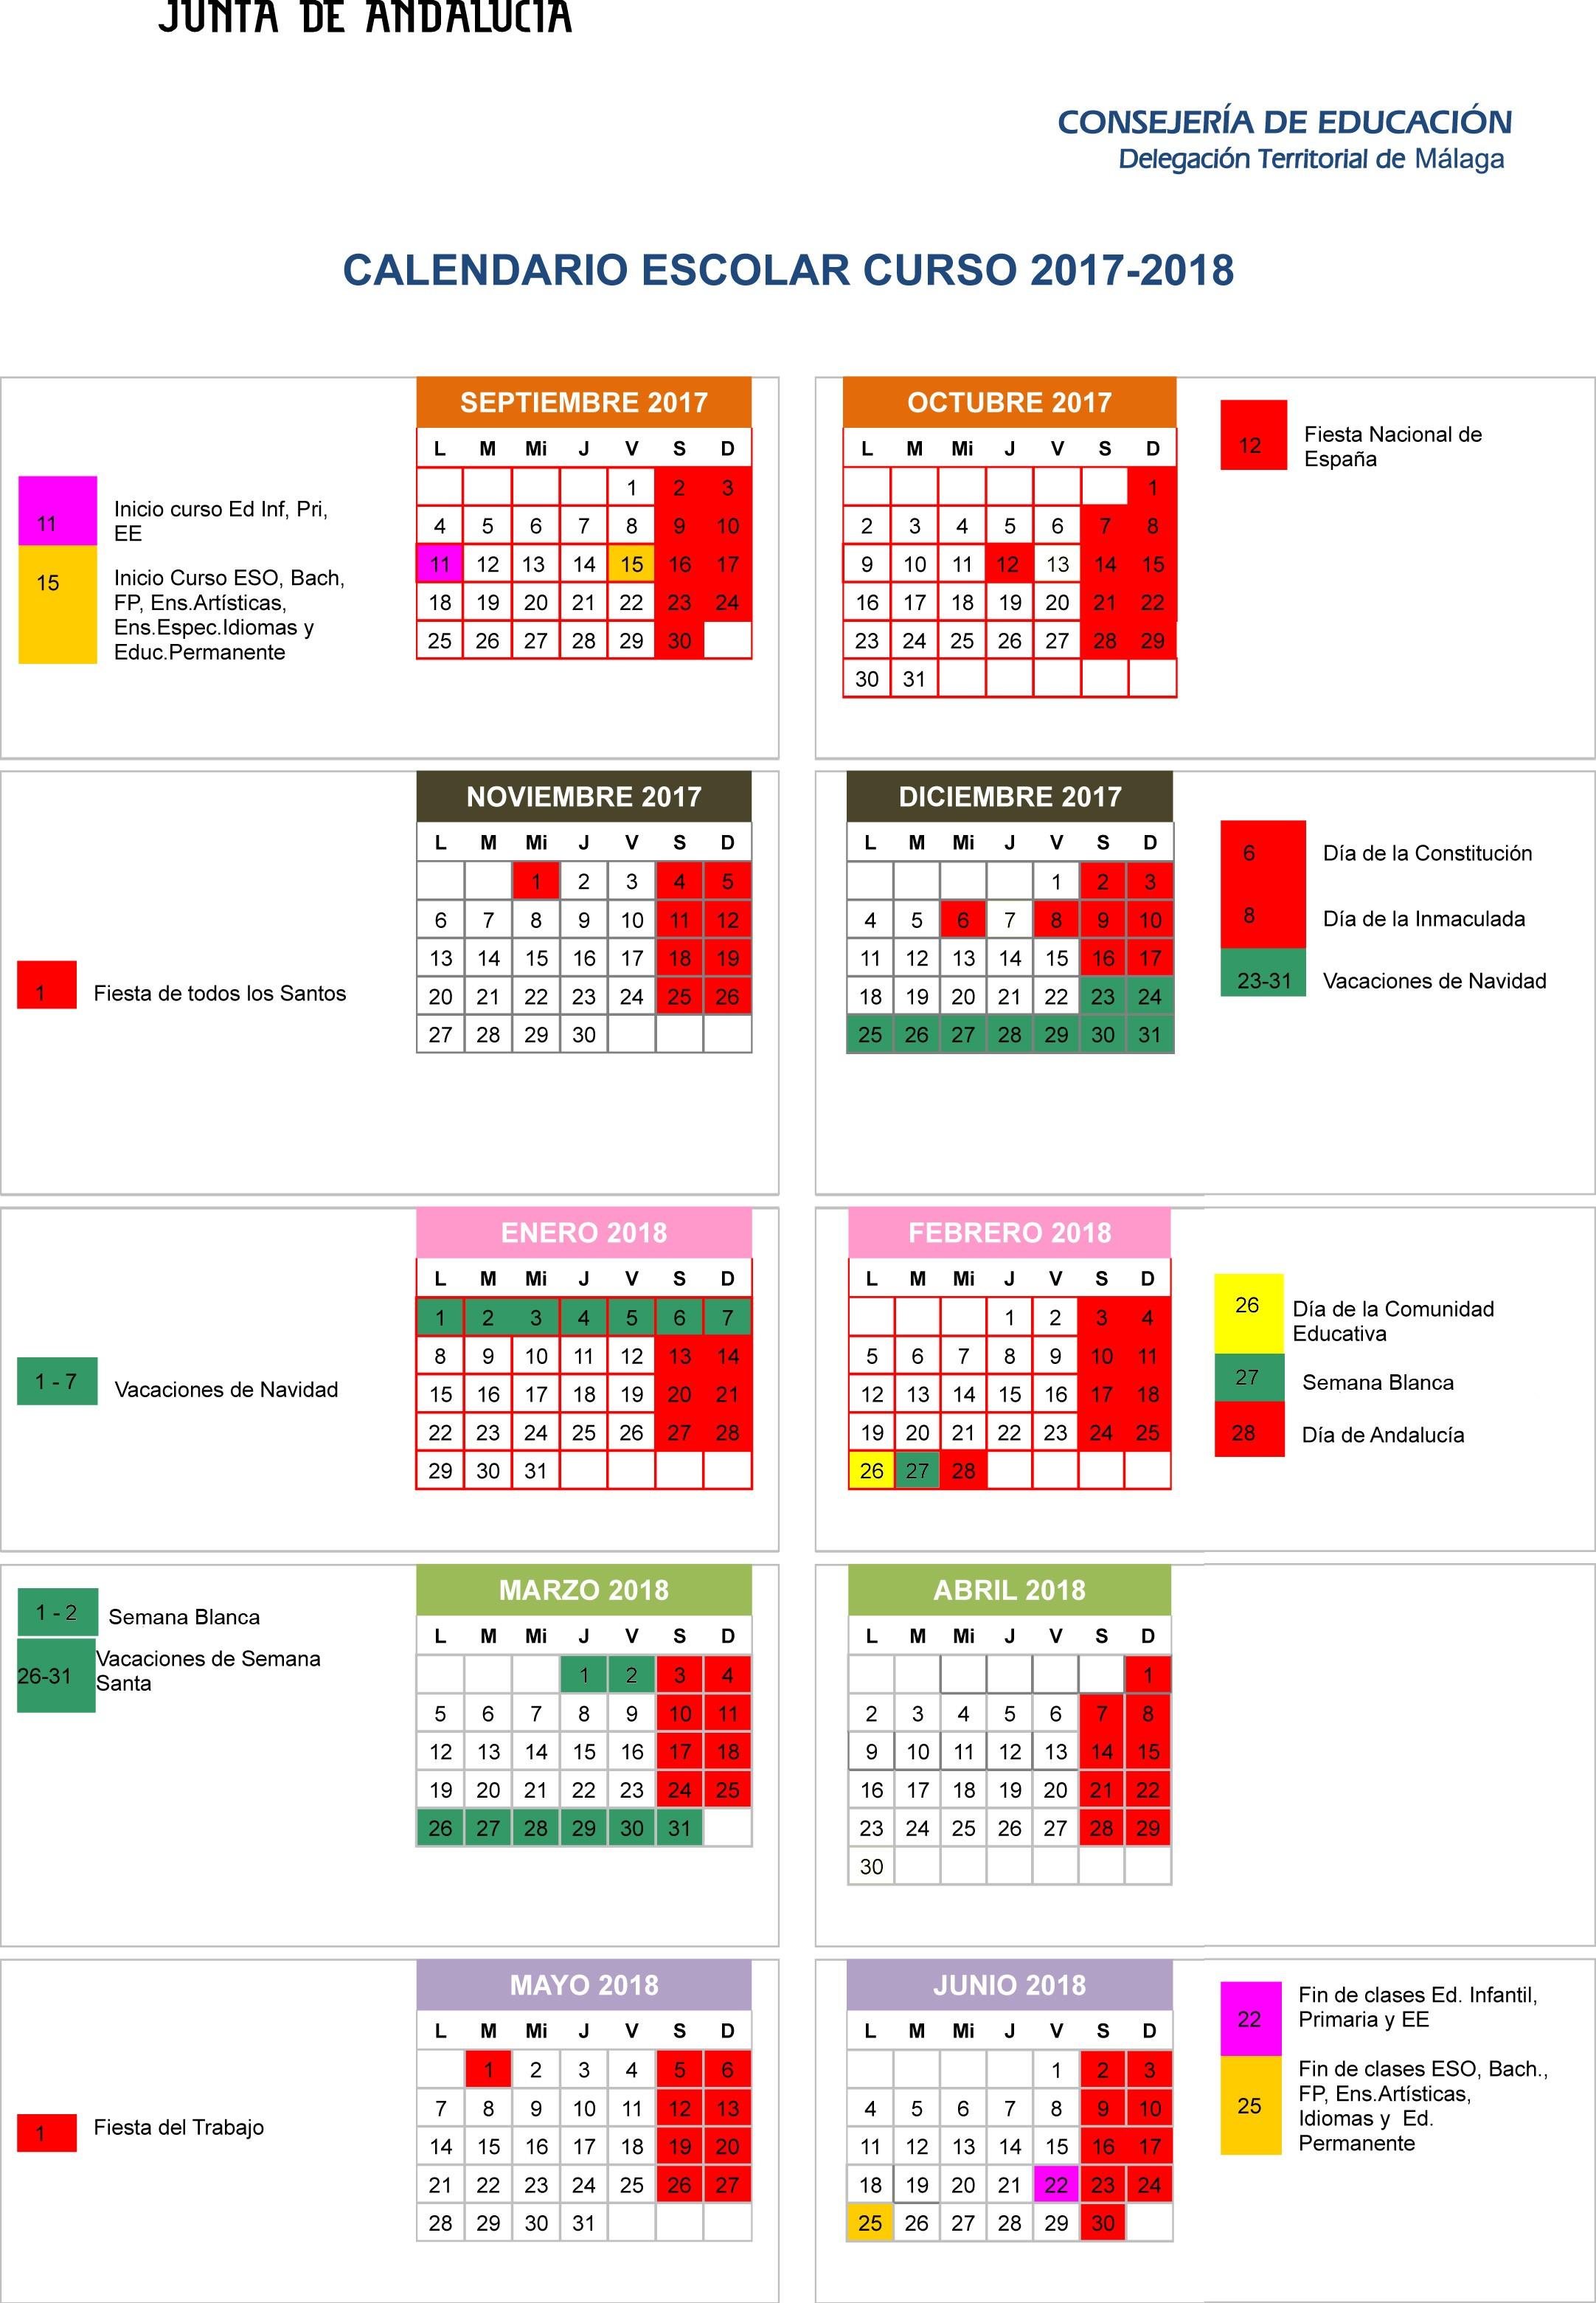 El calendario permite hacer dos puentes en diciembre y en mayo en municipios con festividades en